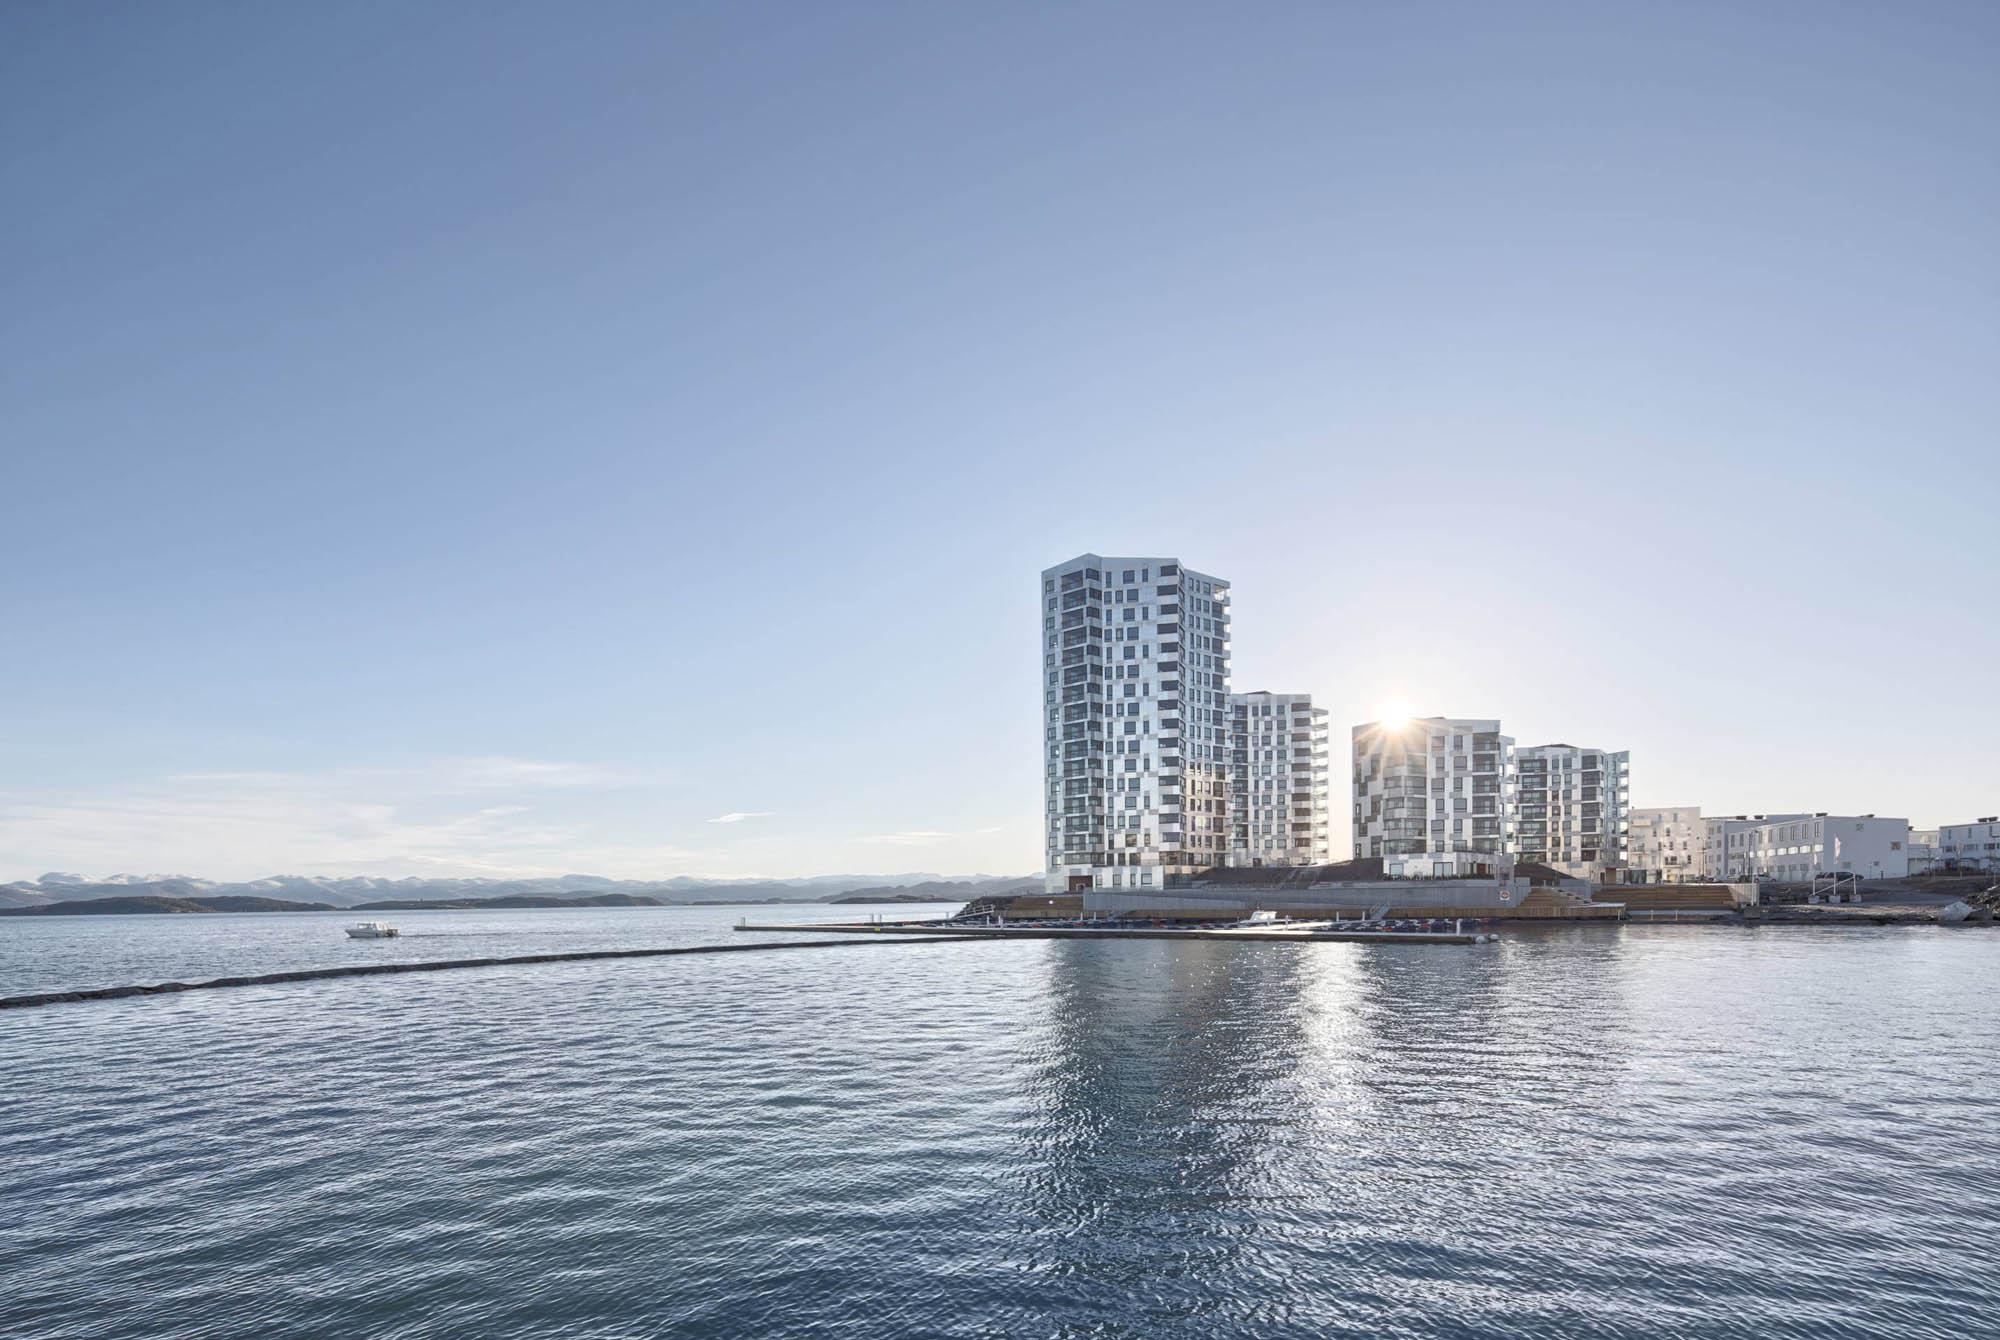 Inspirasjon/referanseprosjekt er Lervig Brygge ved innseilingen til Stavanger. Også tegnet av Atelier Oslo